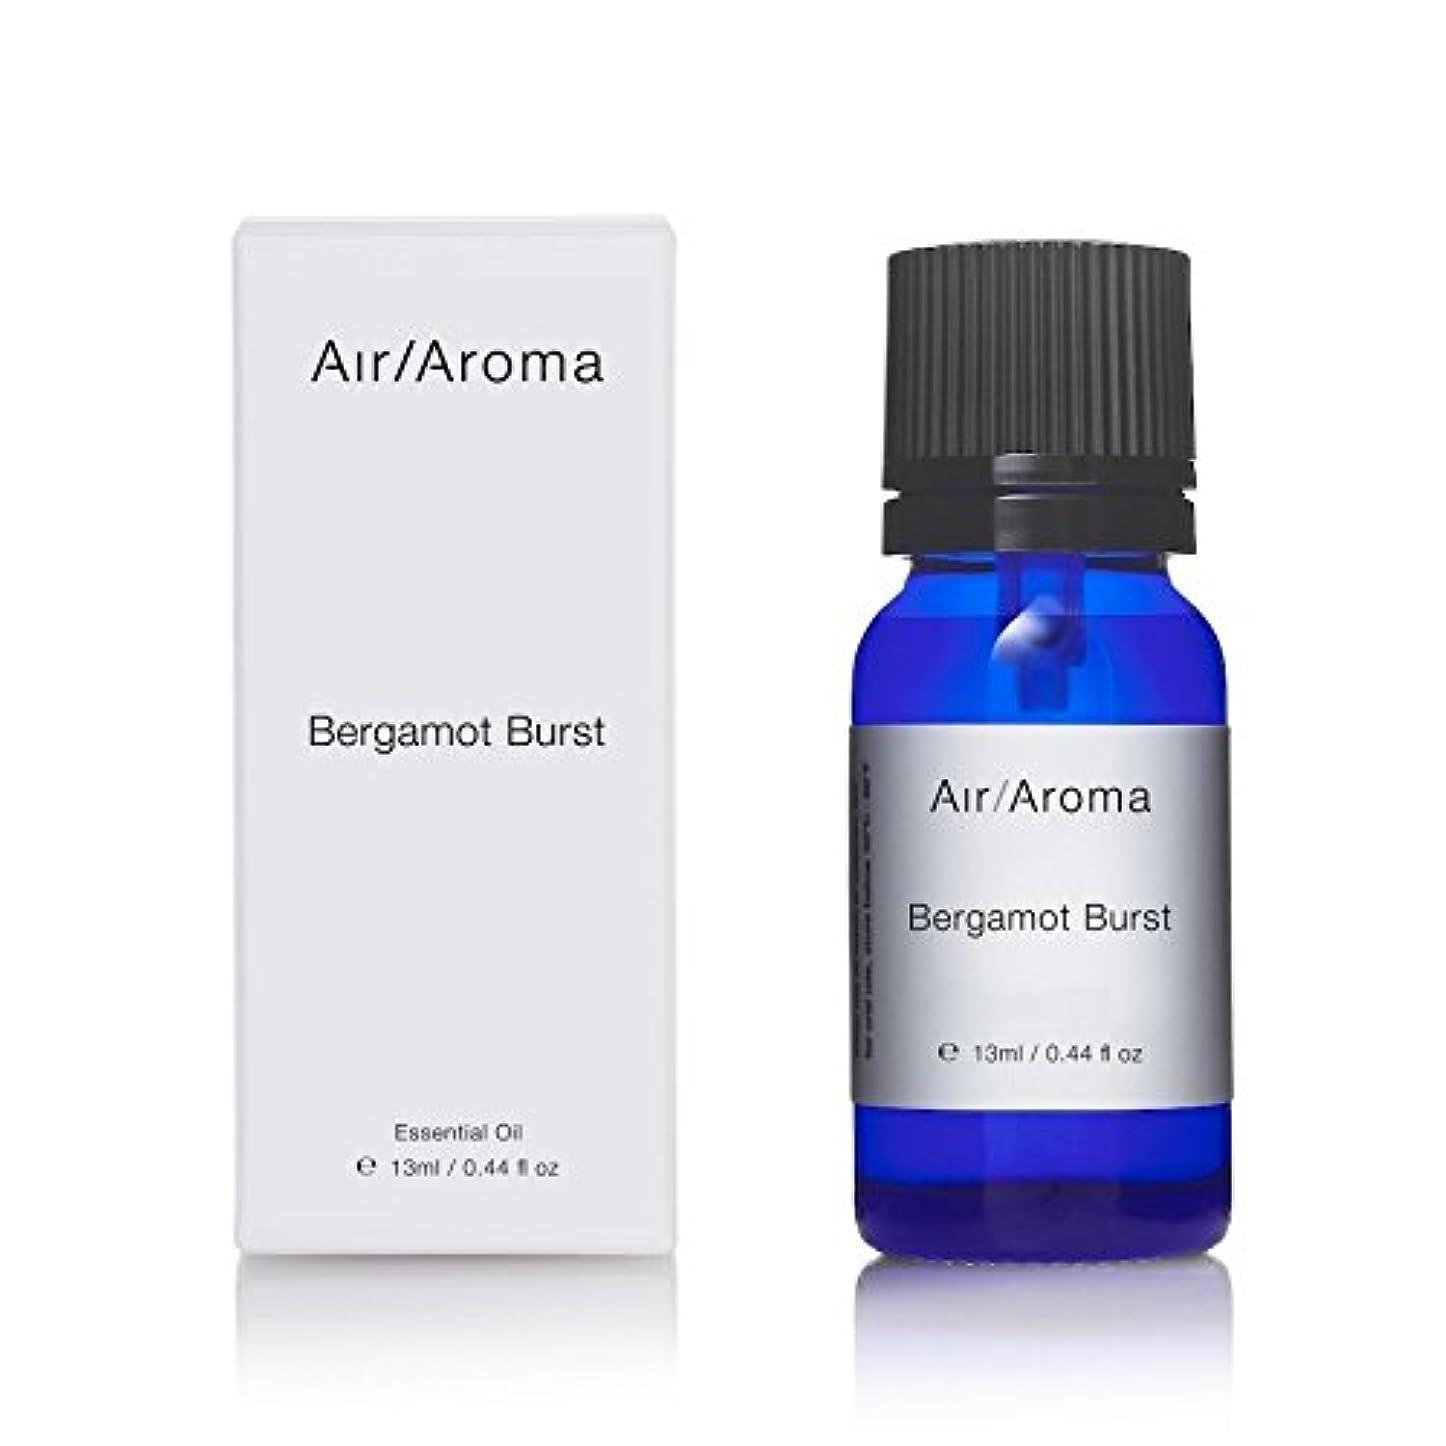 無駄な梨コレクションエアアロマ bergamot burst (ベルガモットバースト) 13ml